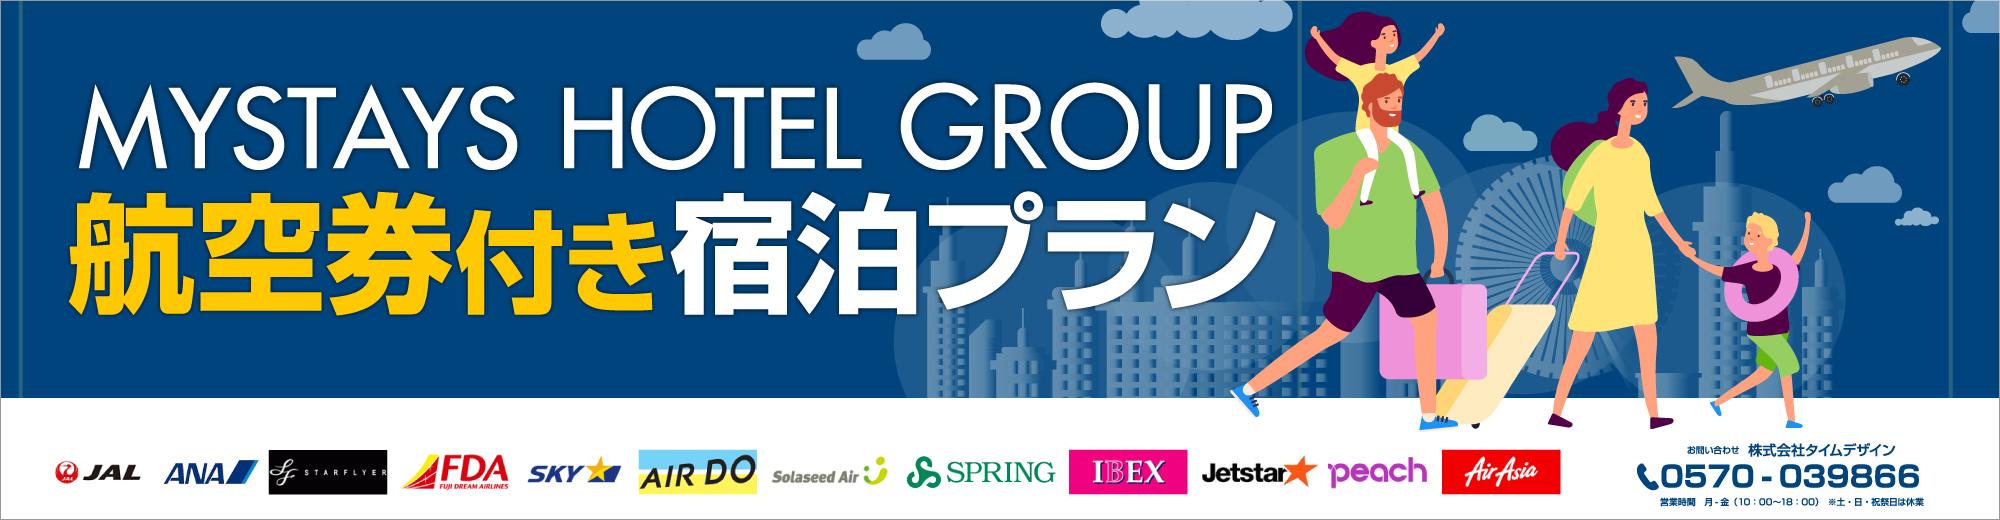 ホテルマイステイズ御茶ノ水コンファレンスセンター